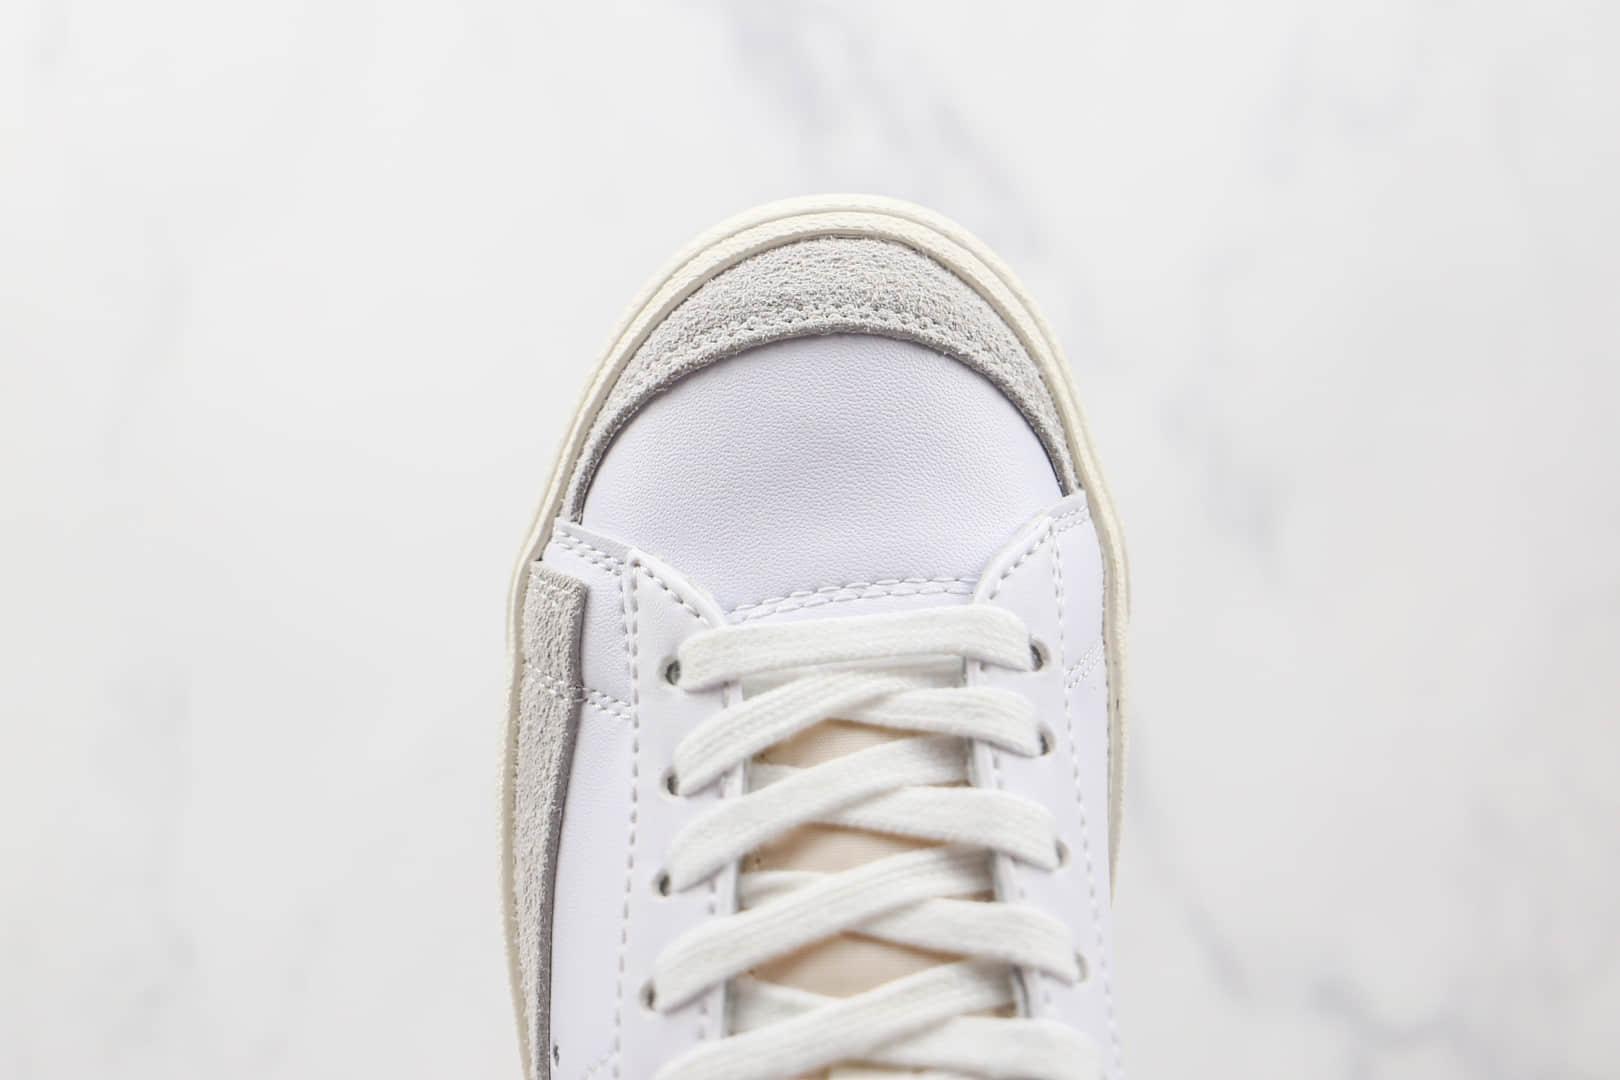 耐克NIKE Blazer LOW 77 VNTG纯原版本低帮开拓者白蓝色板鞋原楦头纸板打造 货号:DA6364-103